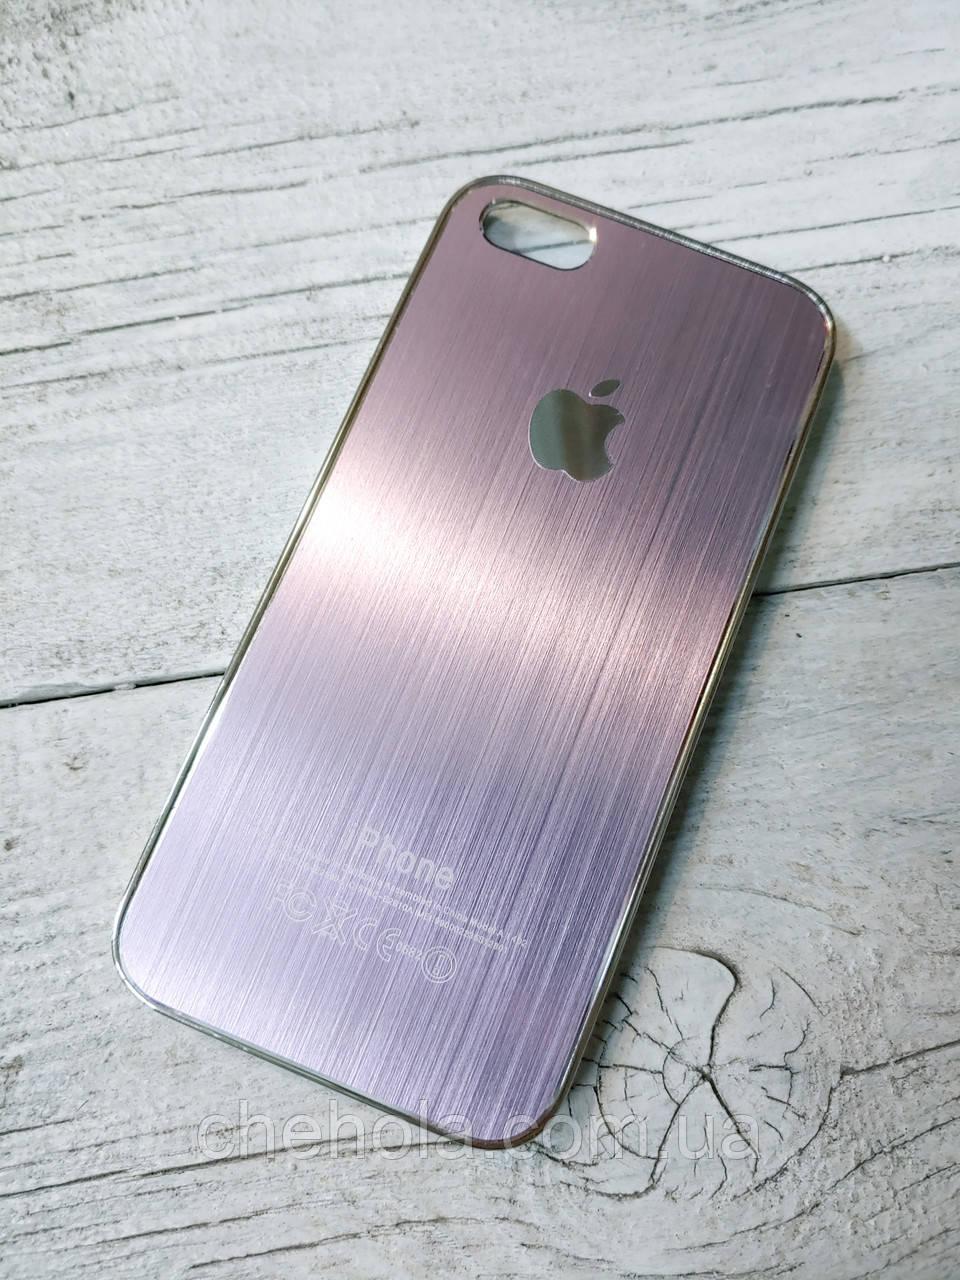 Металлический Противоударный Чехол для Iphone 5 5S SE Хромированный Brushed Chrome Фиолетовый